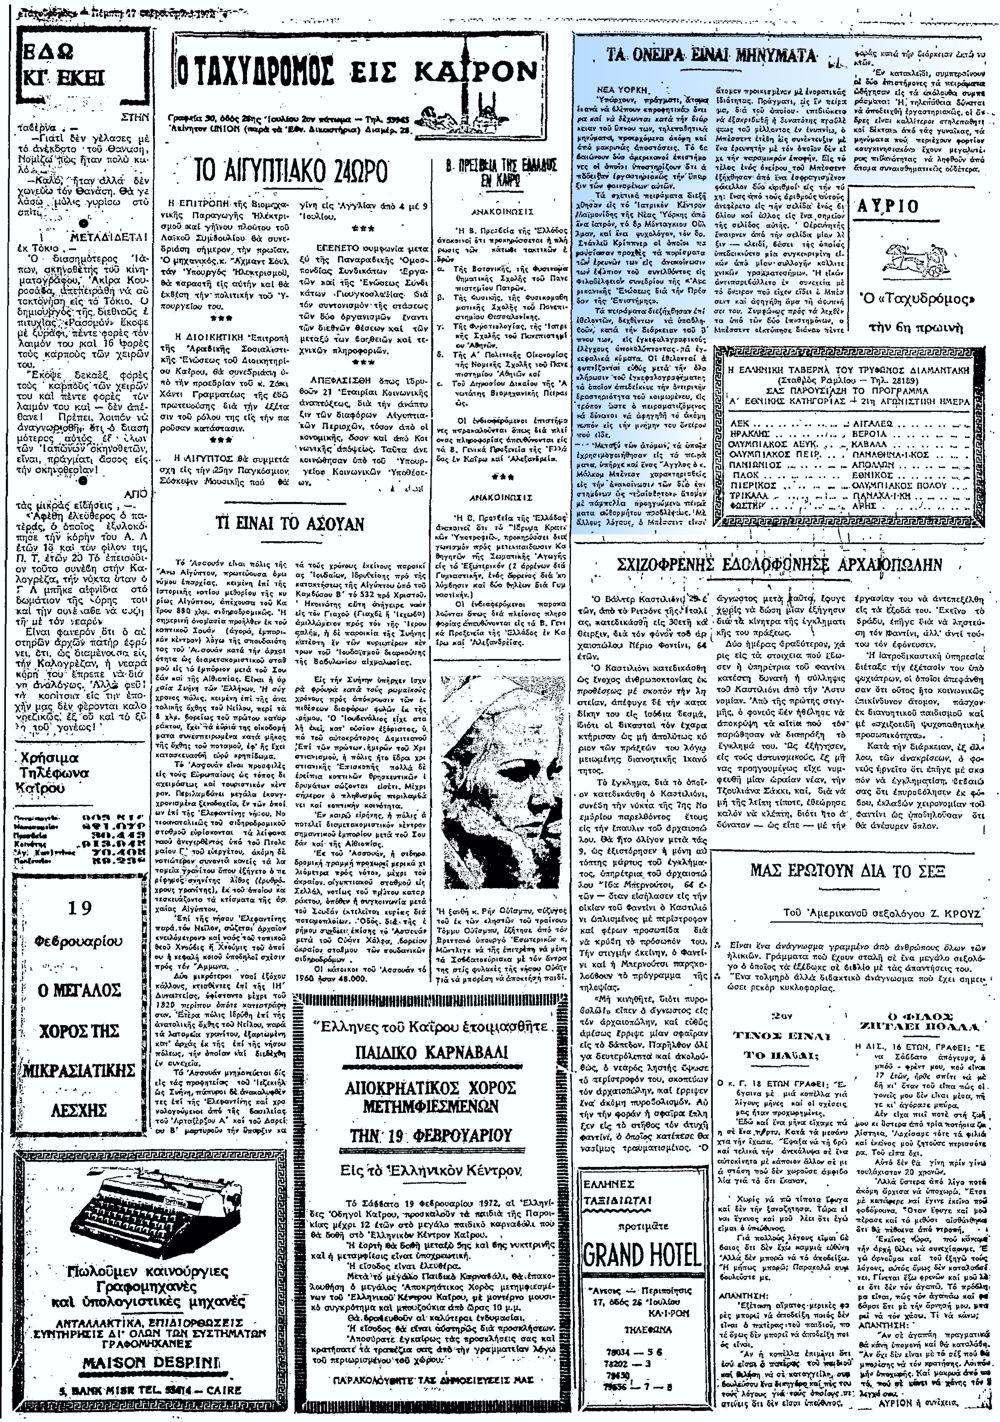 """Το άρθρο, όπως δημοσιεύθηκε στην εφημερίδα """"ΤΑΧΥΔΡΟΜΟΣ"""", στις 17/02/1972"""